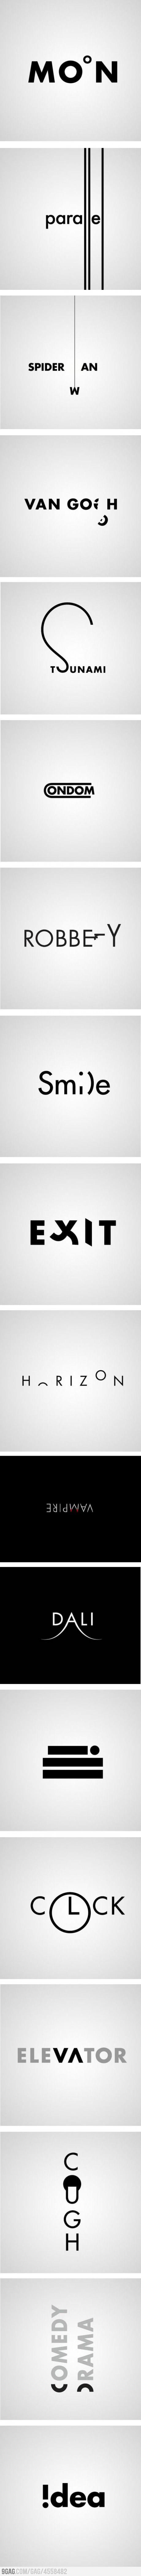 """immagine presa da www.pinterest.com immagine digitale In questa immagine troviamo diverse parole con font lineari, ma ognuna delle quali è caratterizzata da posizioni, tagli, prolungamenti delle lettere in modo tale da """"dare vita"""" alla parola.L'immagine mi ha incuriosita perchè nella sua semplicità ha reso dinamiche quest'ultime."""